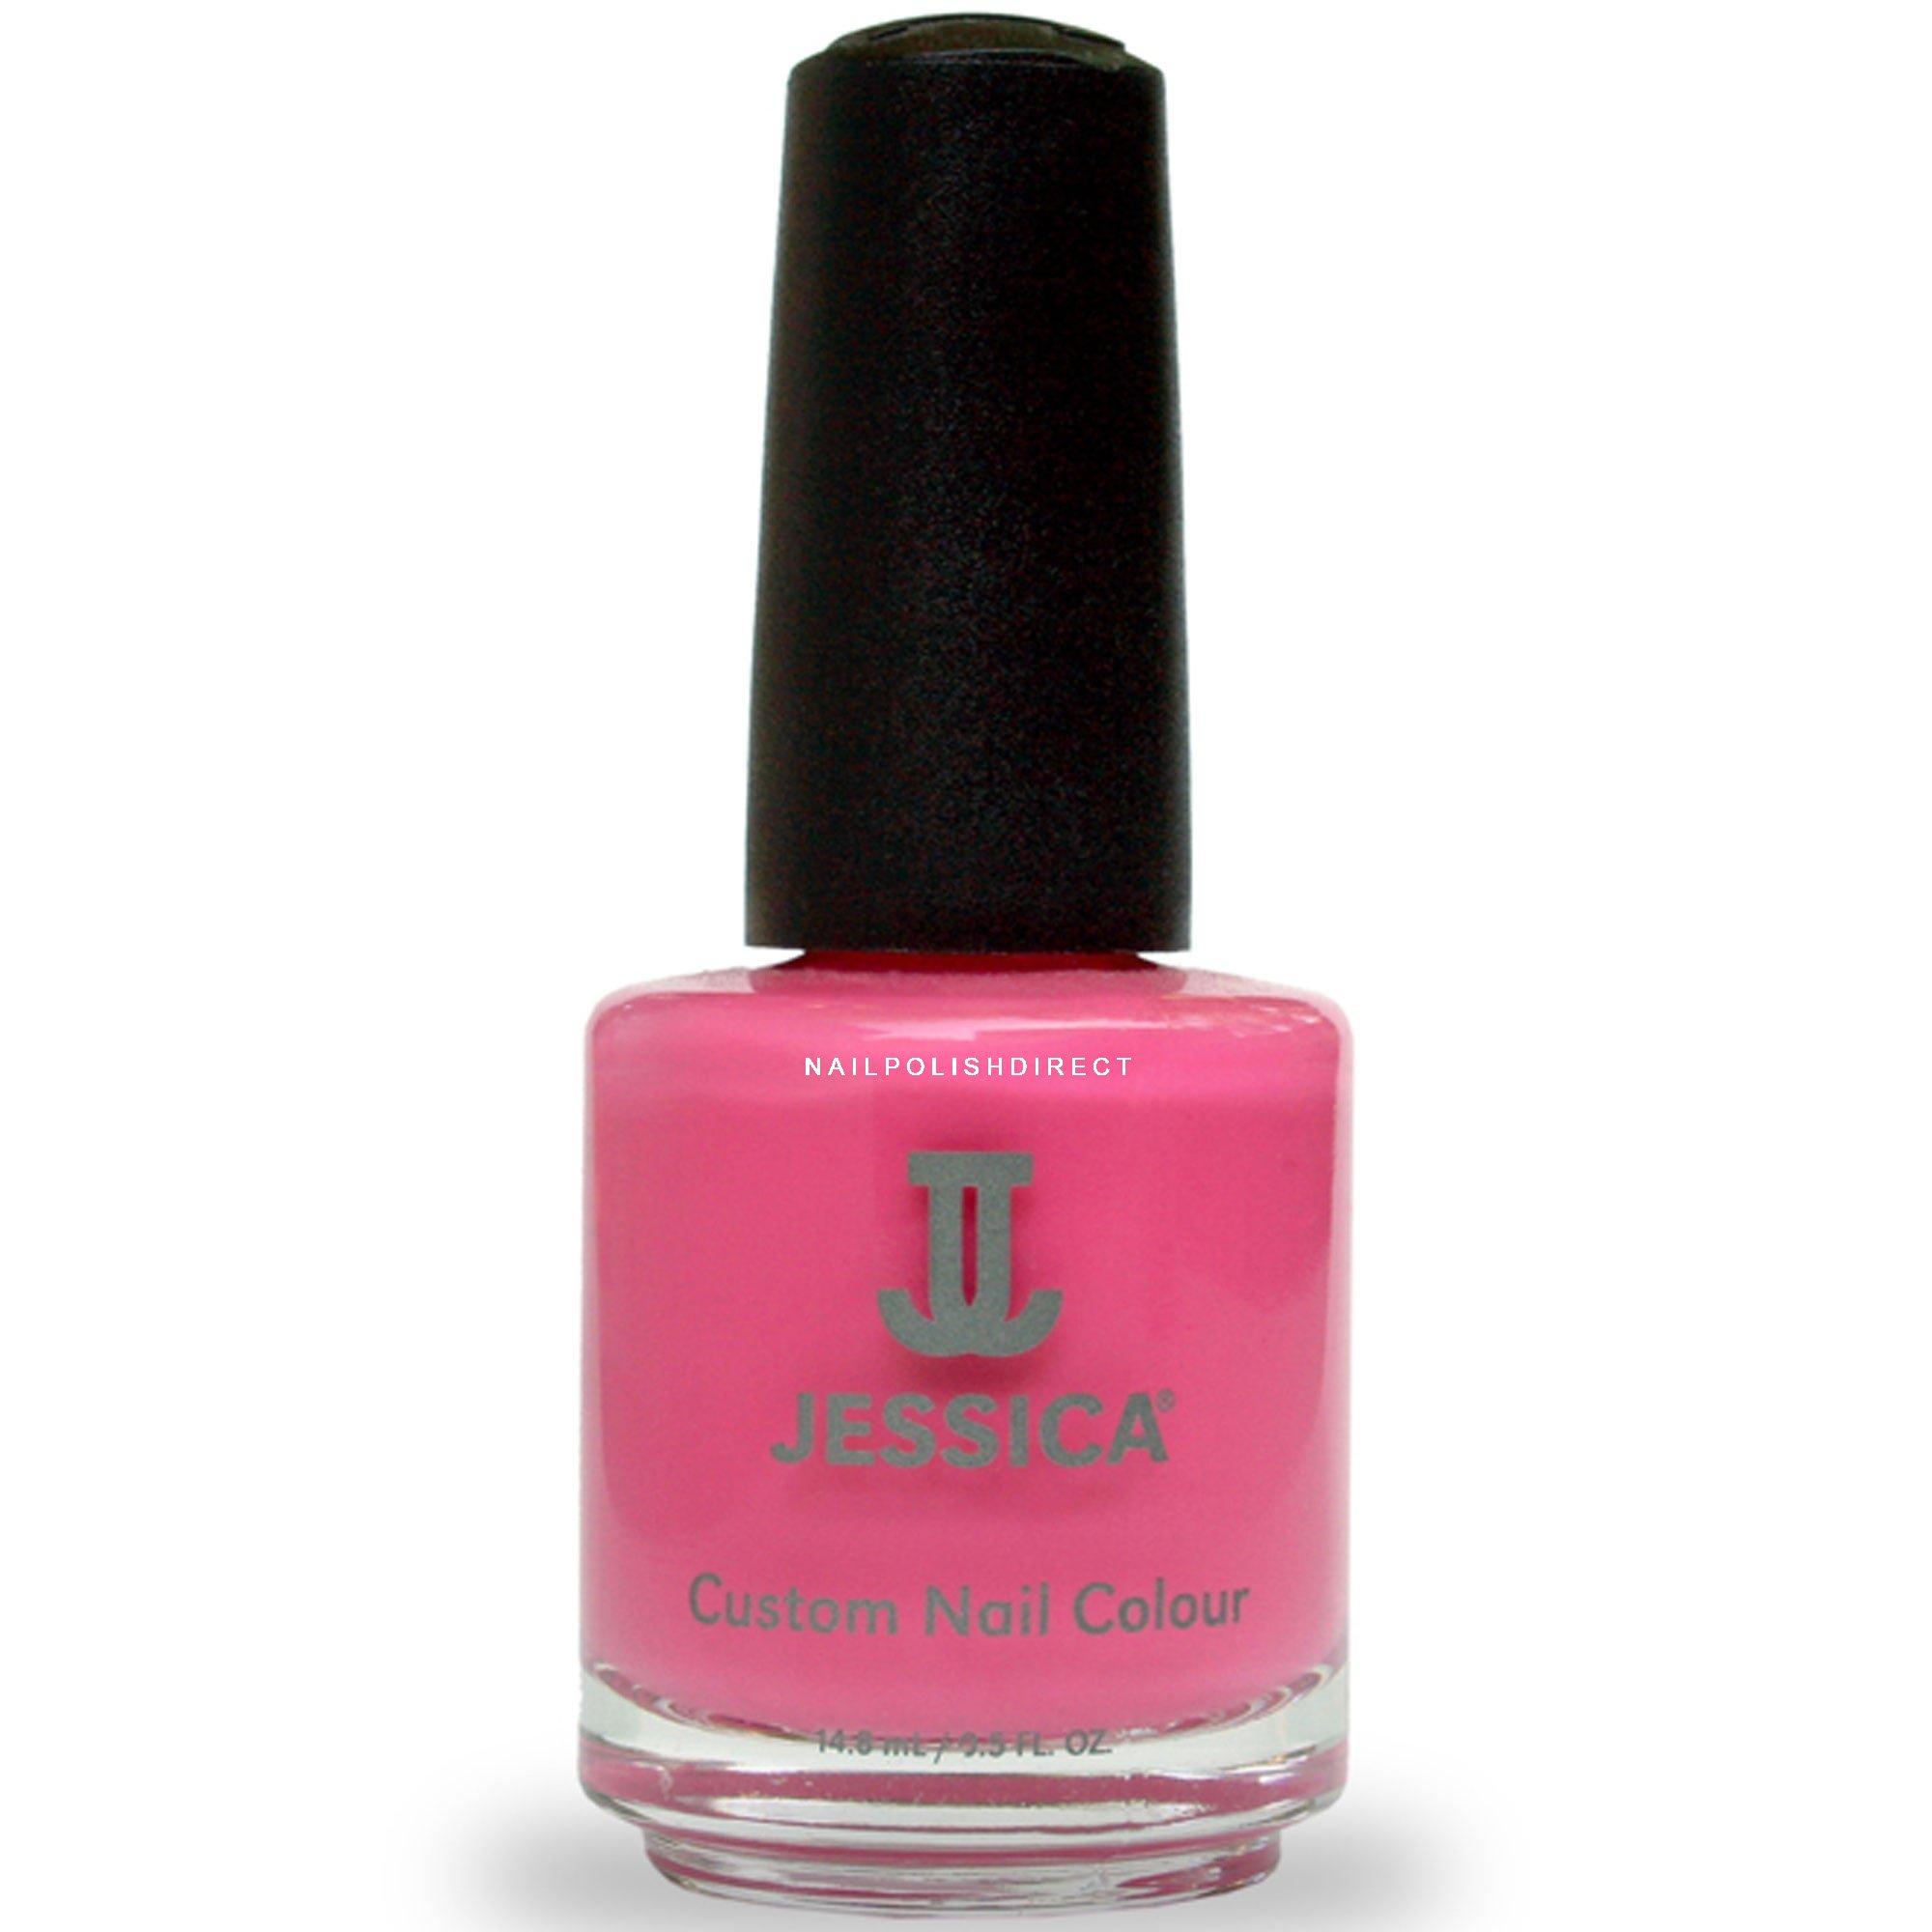 Jessica Flirty Nail Polish is available online at Nail Polish Direct